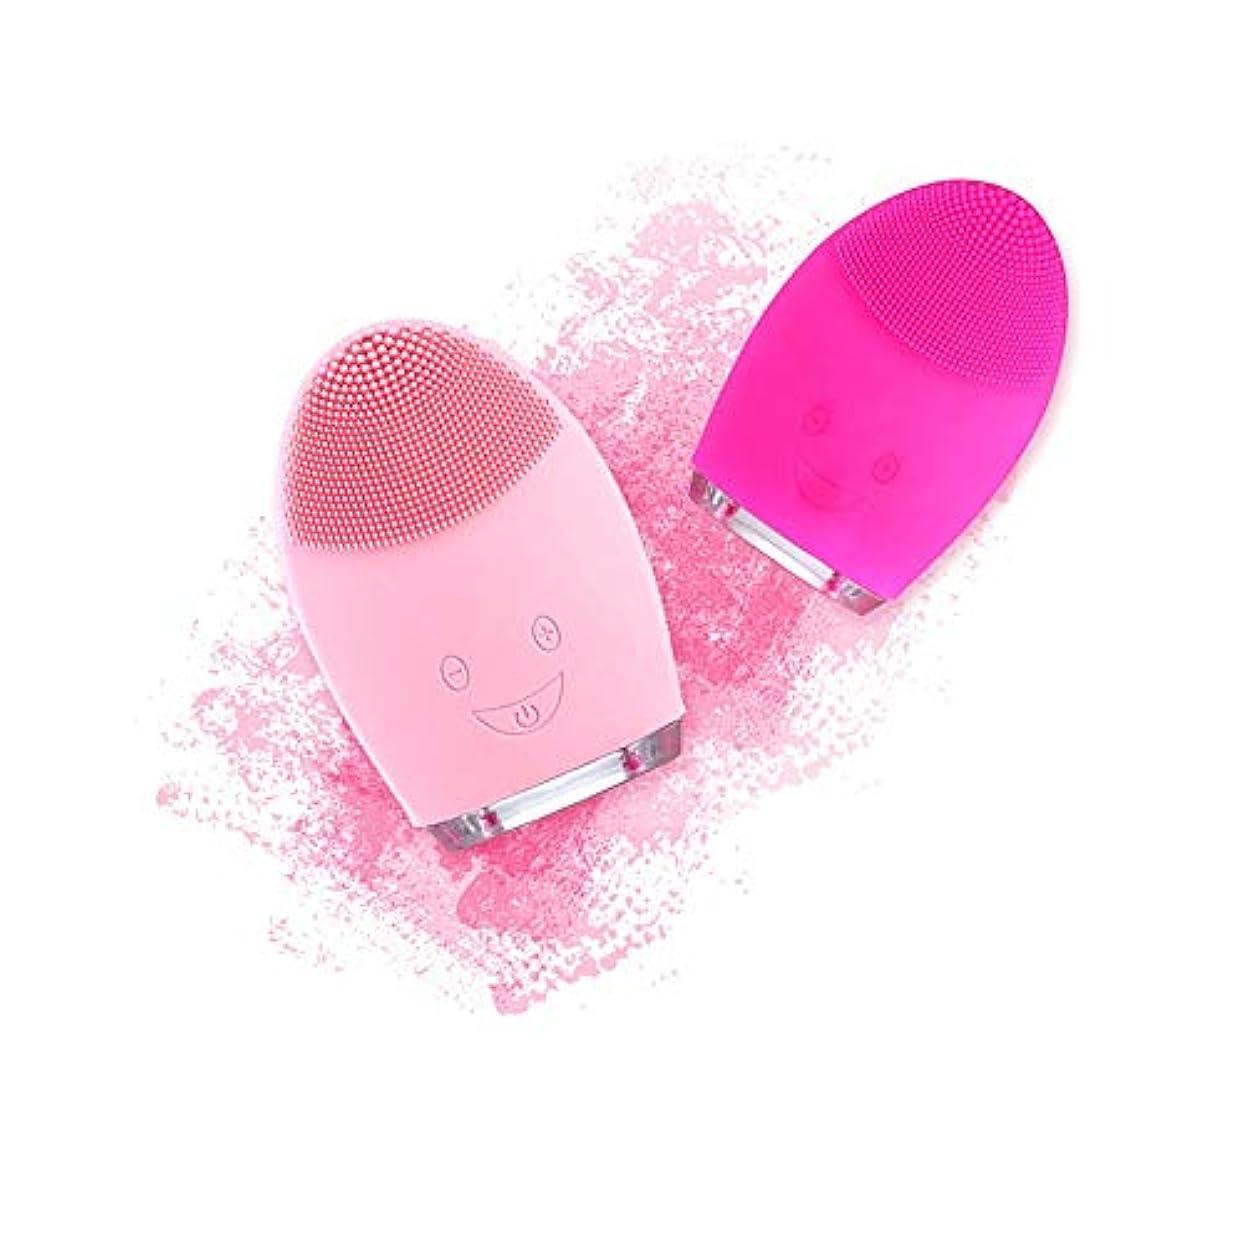 政治家のマーティフィールディングコックZXF USB充電式シリコンクレンジング楽器超音波洗顔毛穴きれいな防水美容器ピンク赤 滑らかである (色 : Red)